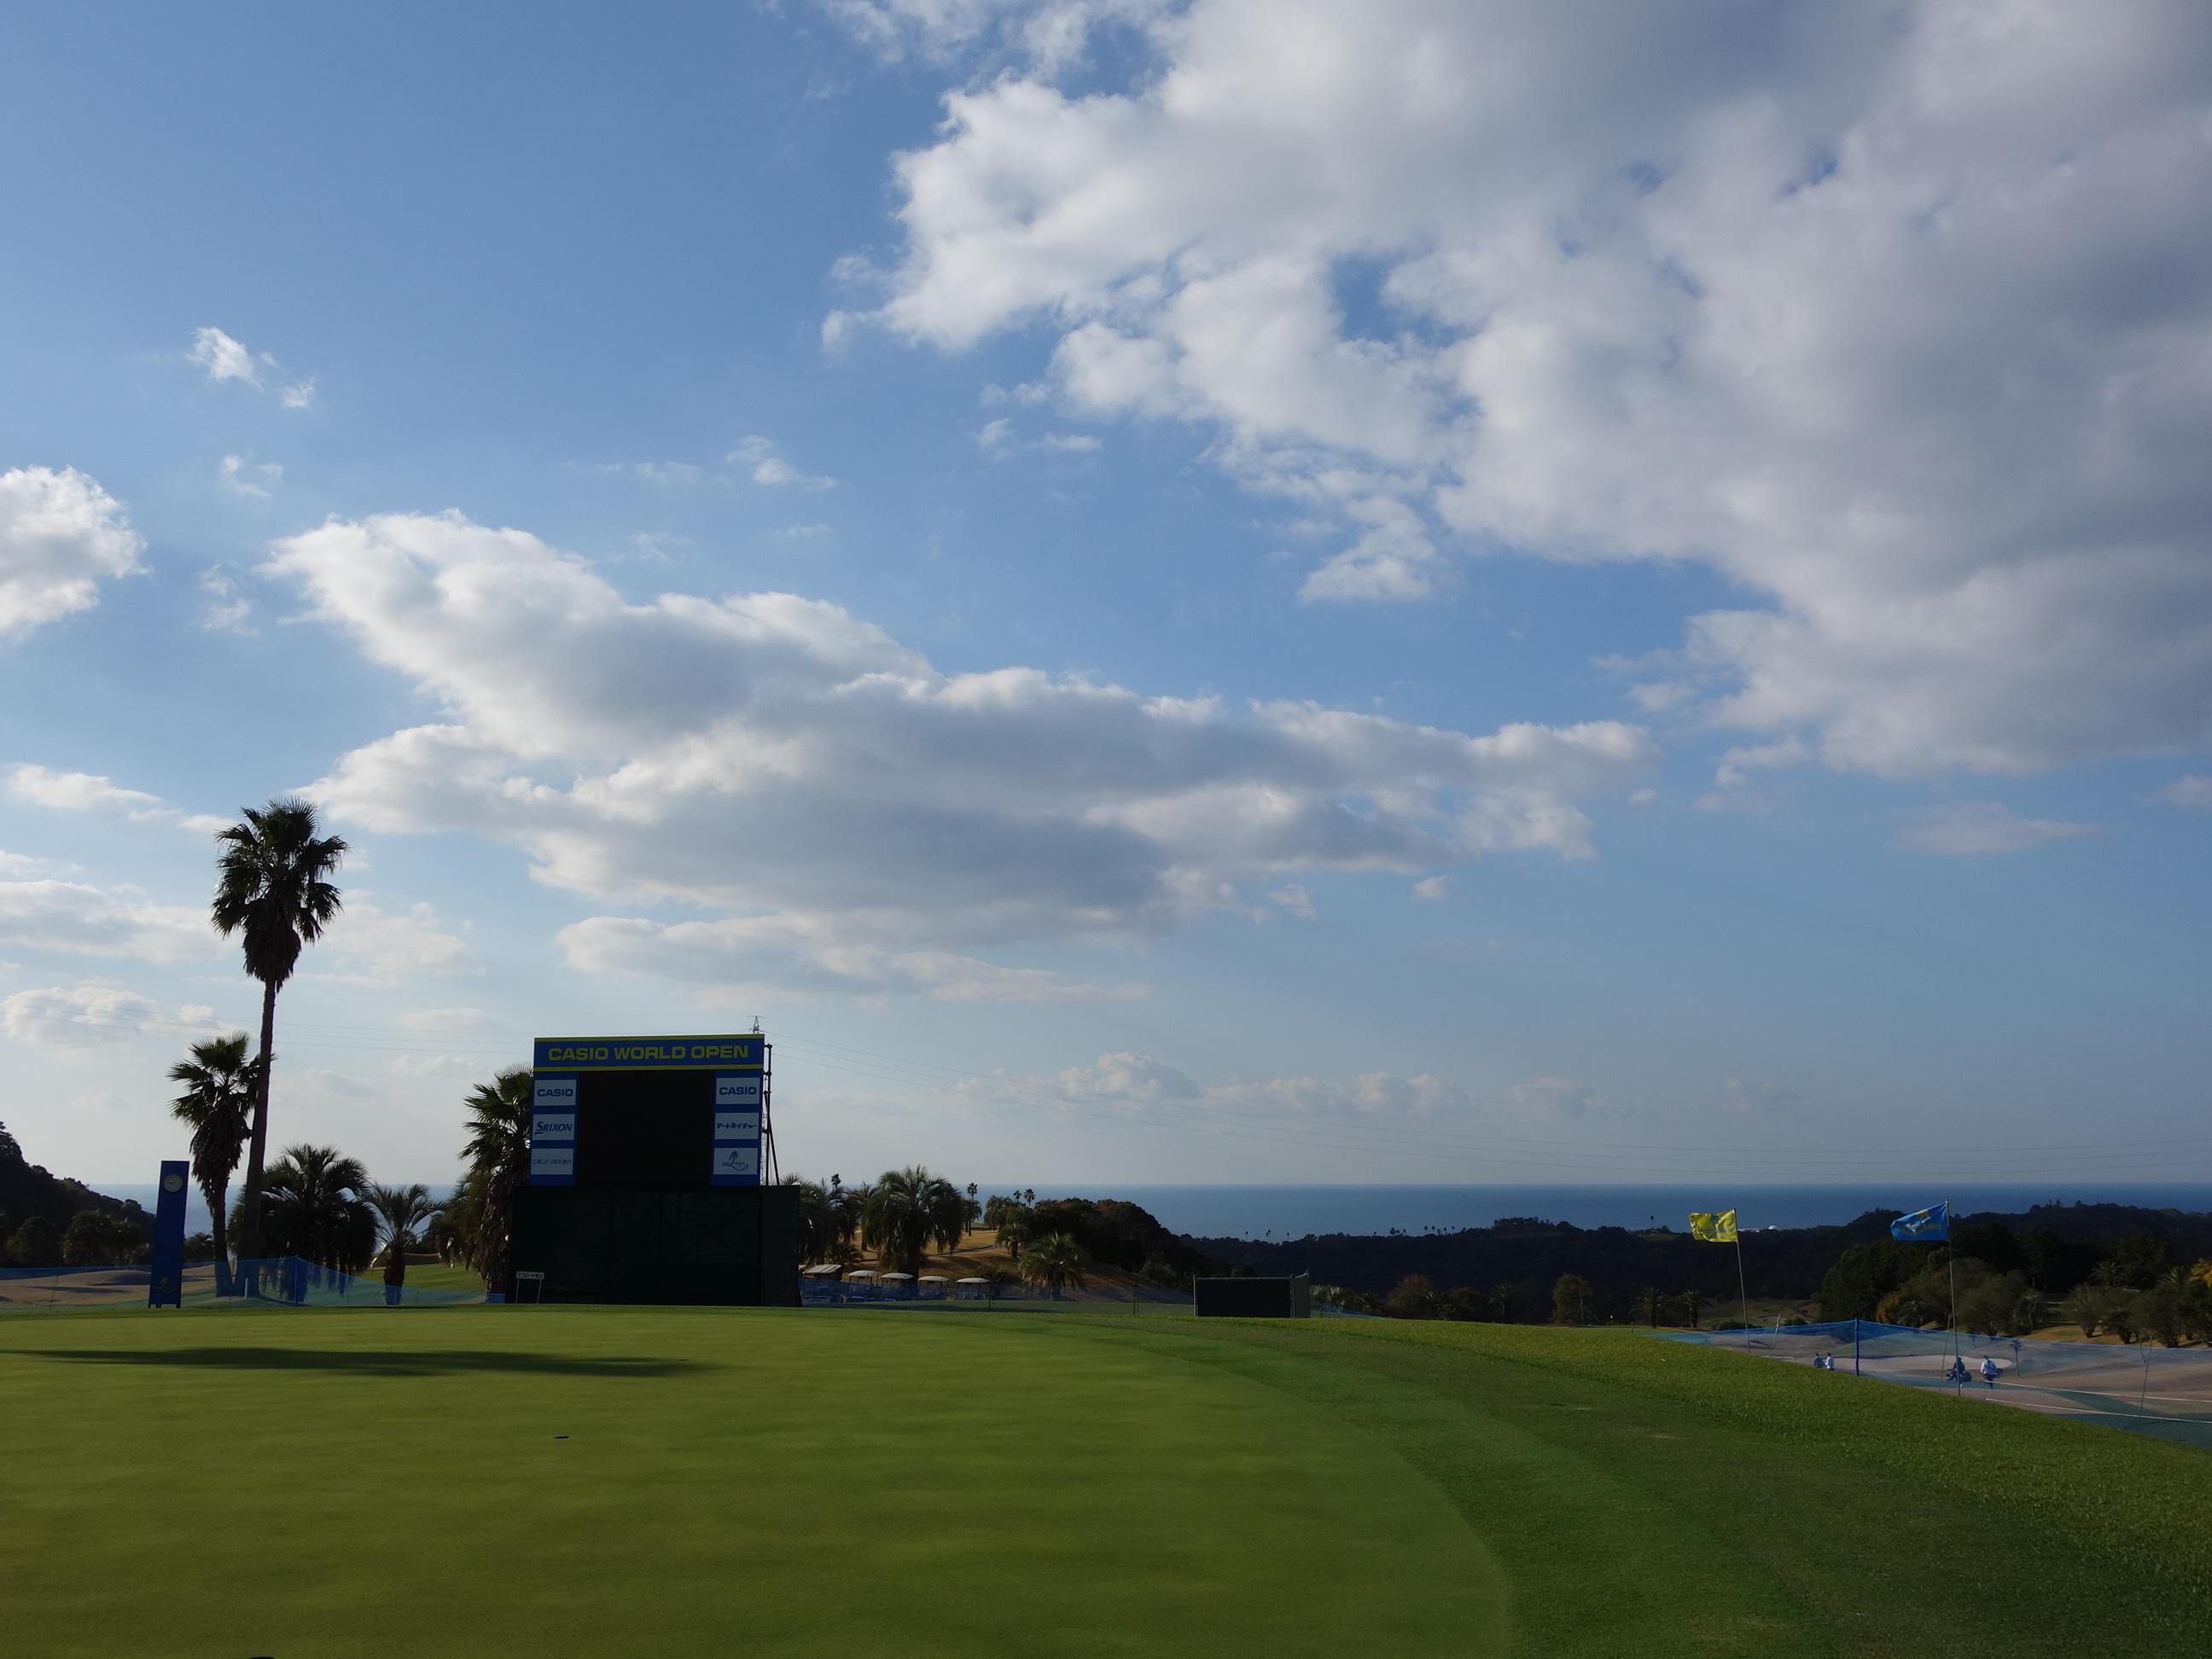 http://www.bs-golf.com/pro/25d554068a005d14bba585334e5f4c78be46c4fa.JPG